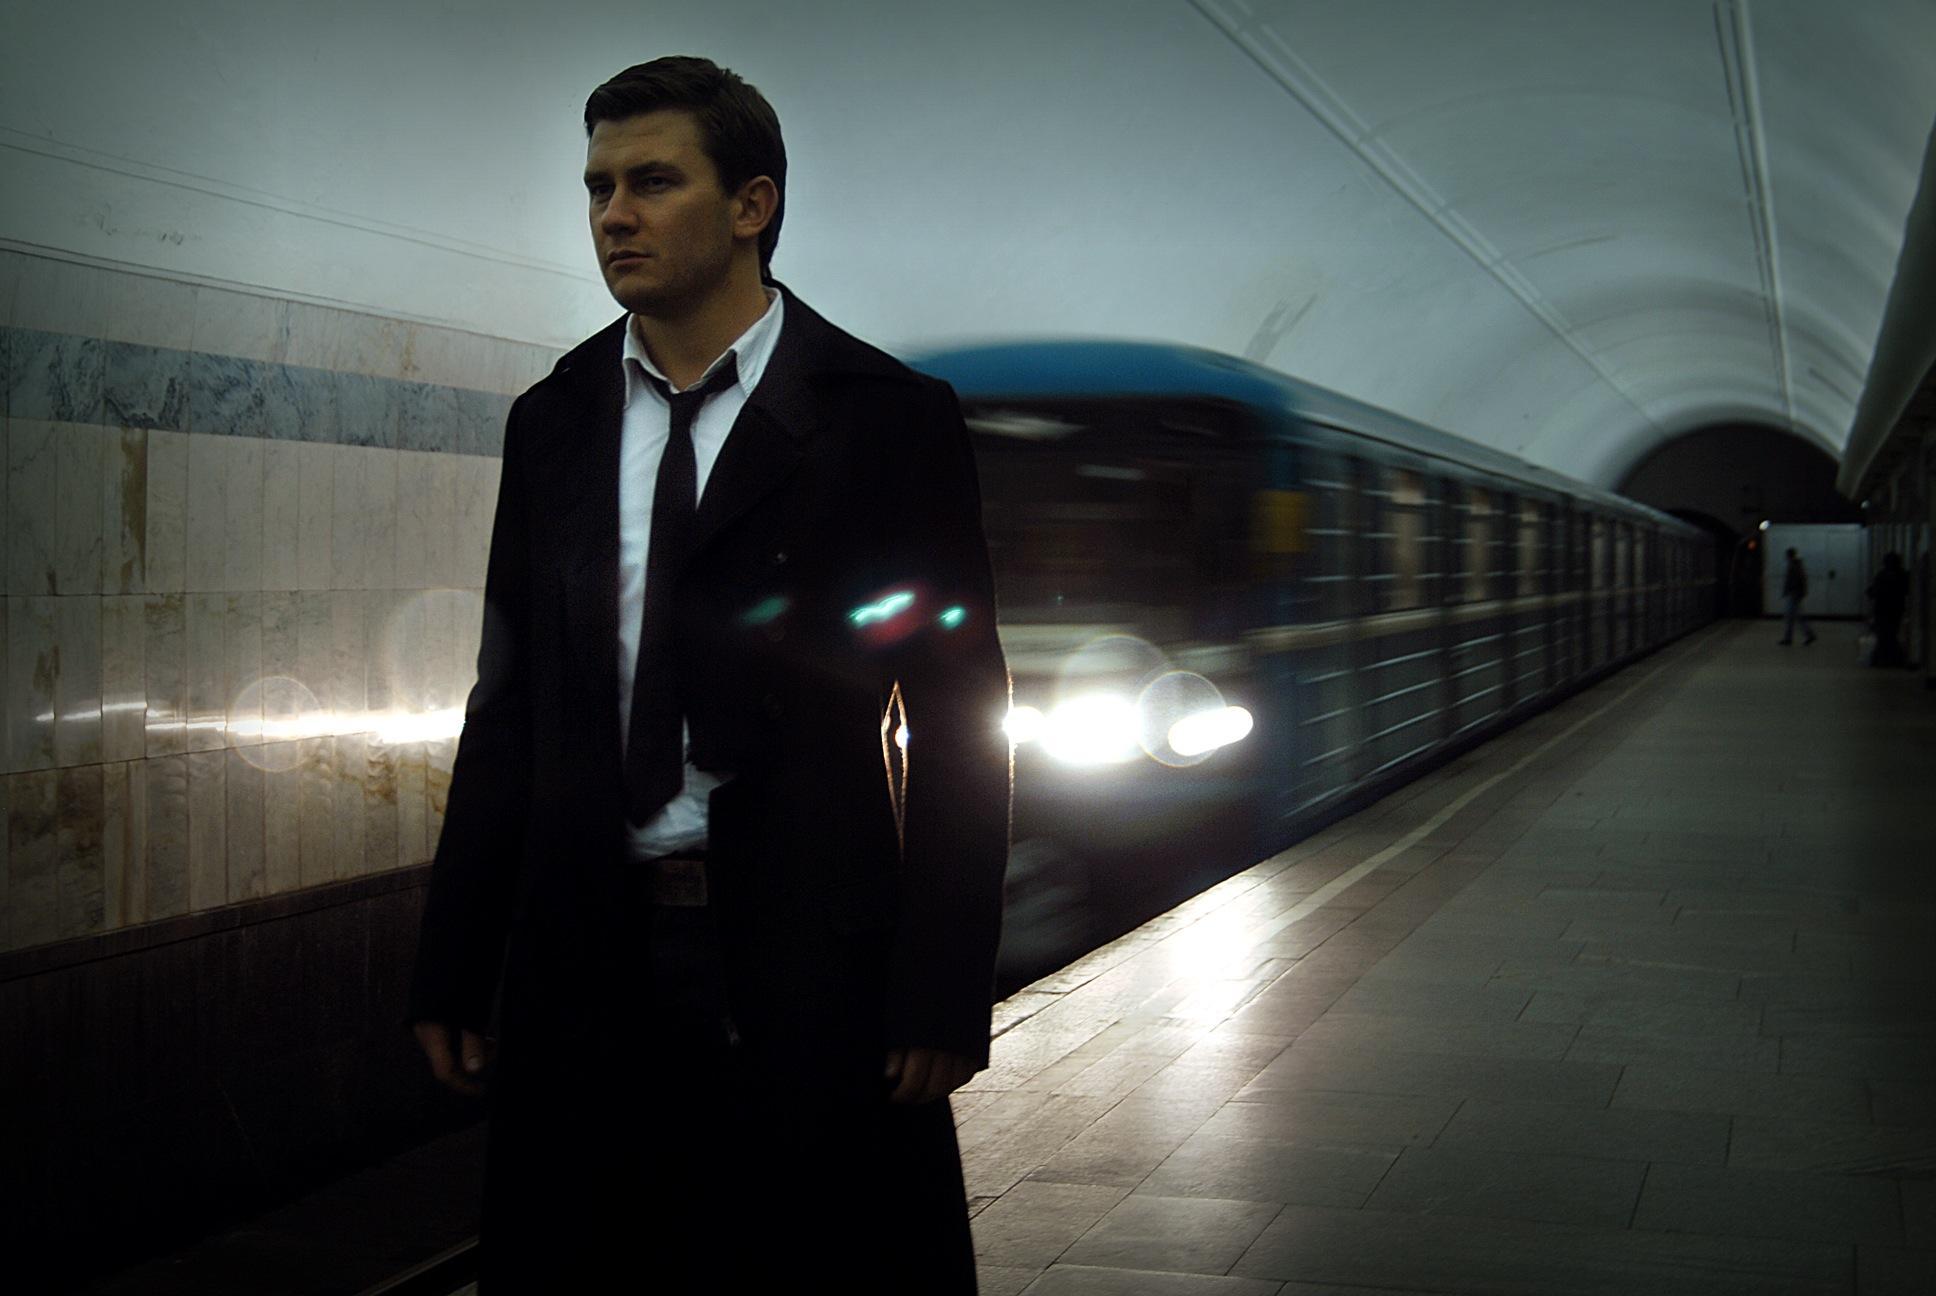 Dmitry Glukovsky